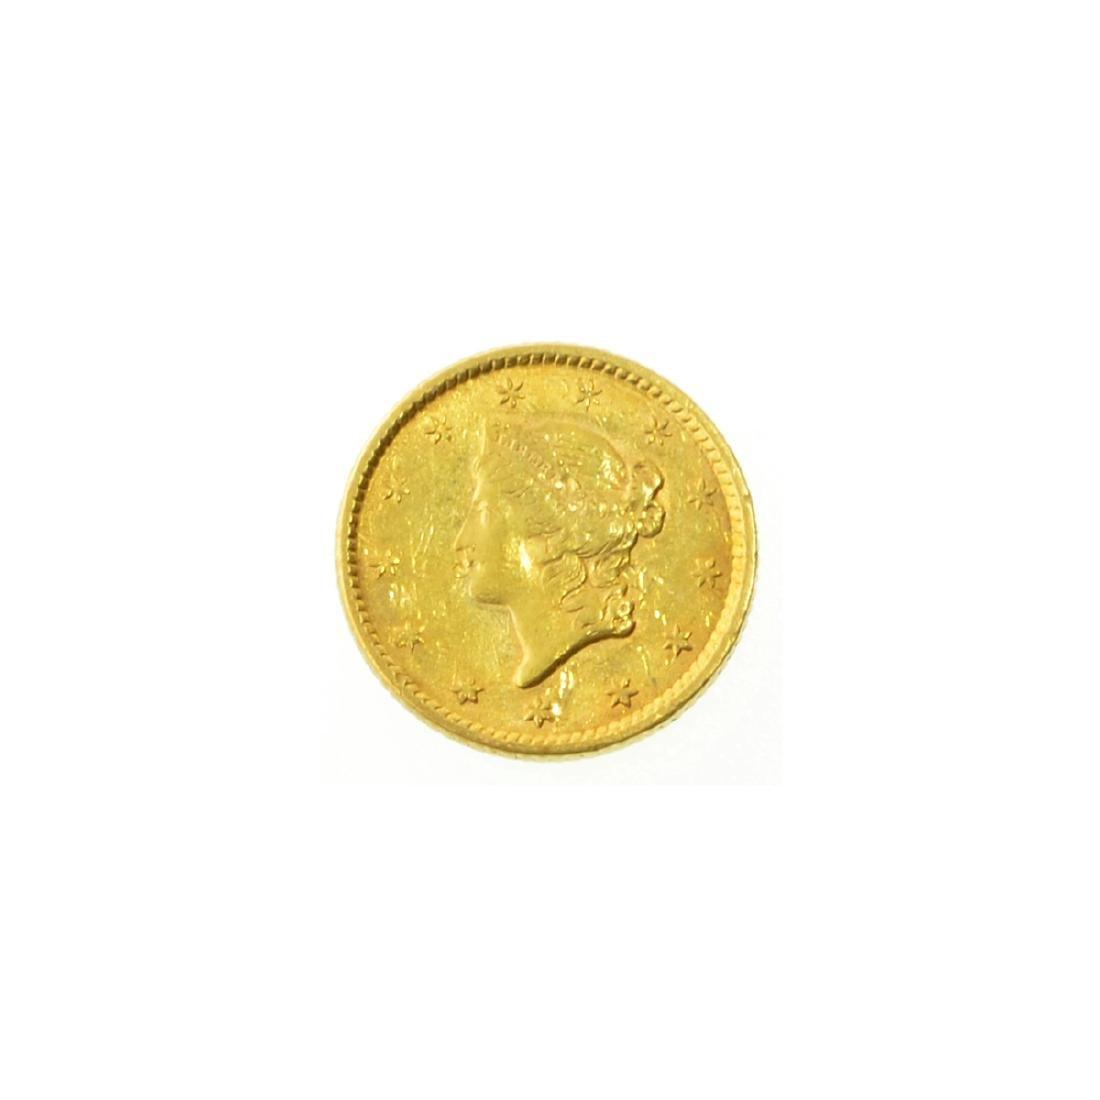 *1852 $1 U.S. Liberty Head Gold Coin (PS-JWJ)